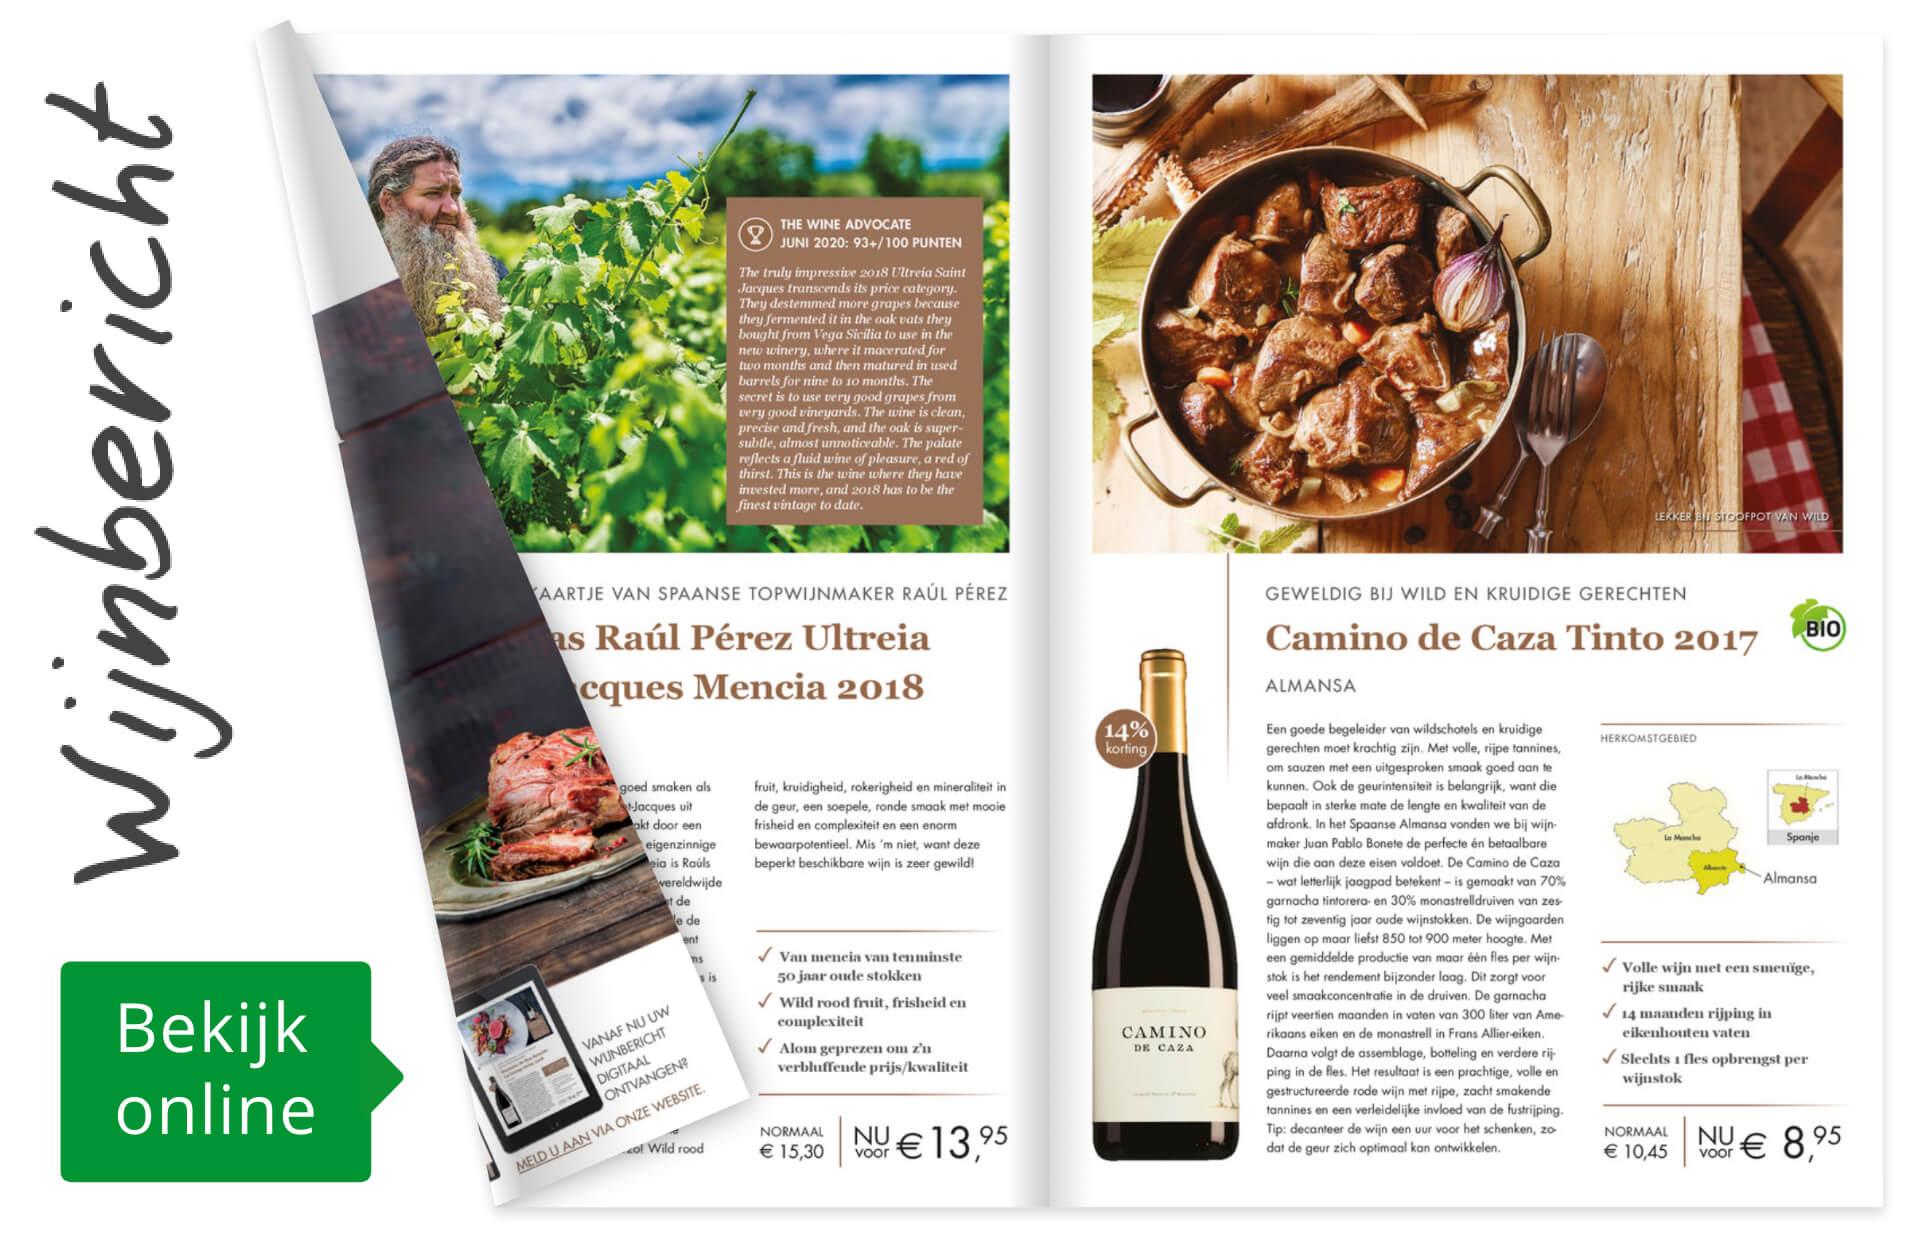 Online wijnbericht oktober 2020